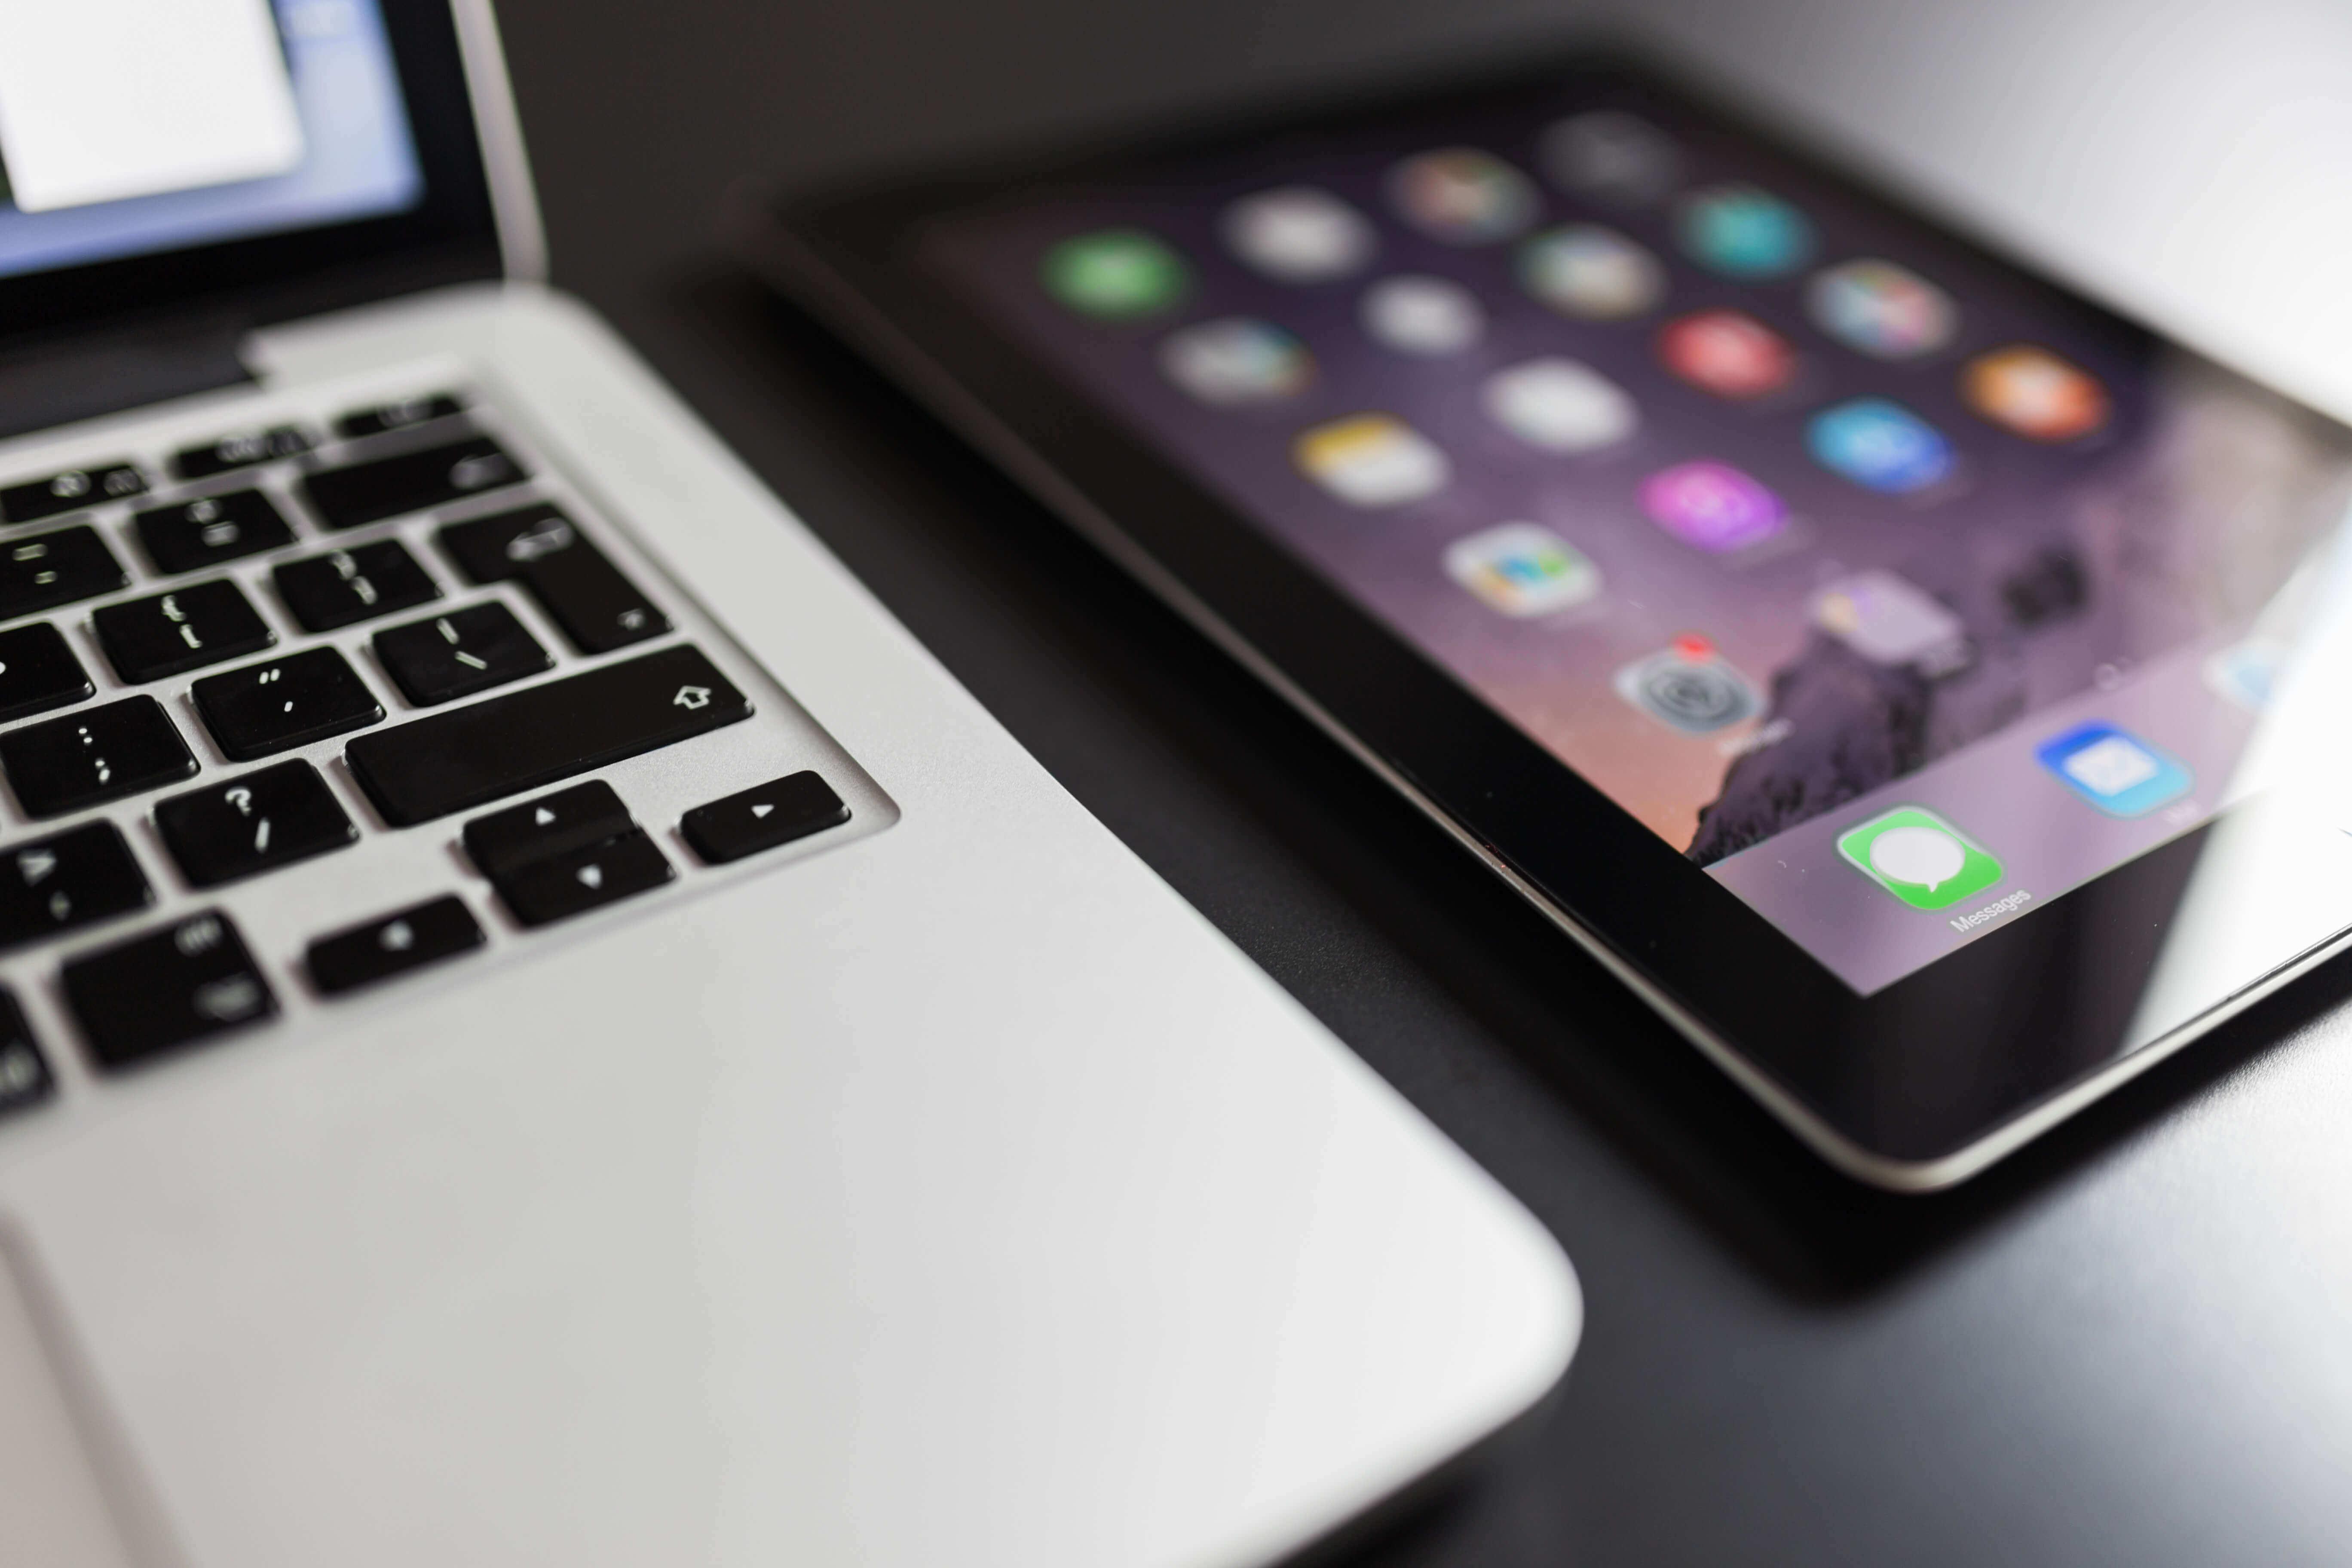 Dispositivos móveis. Smartphone, tablets, notebooks e laptops. Computador pessoal, desktop